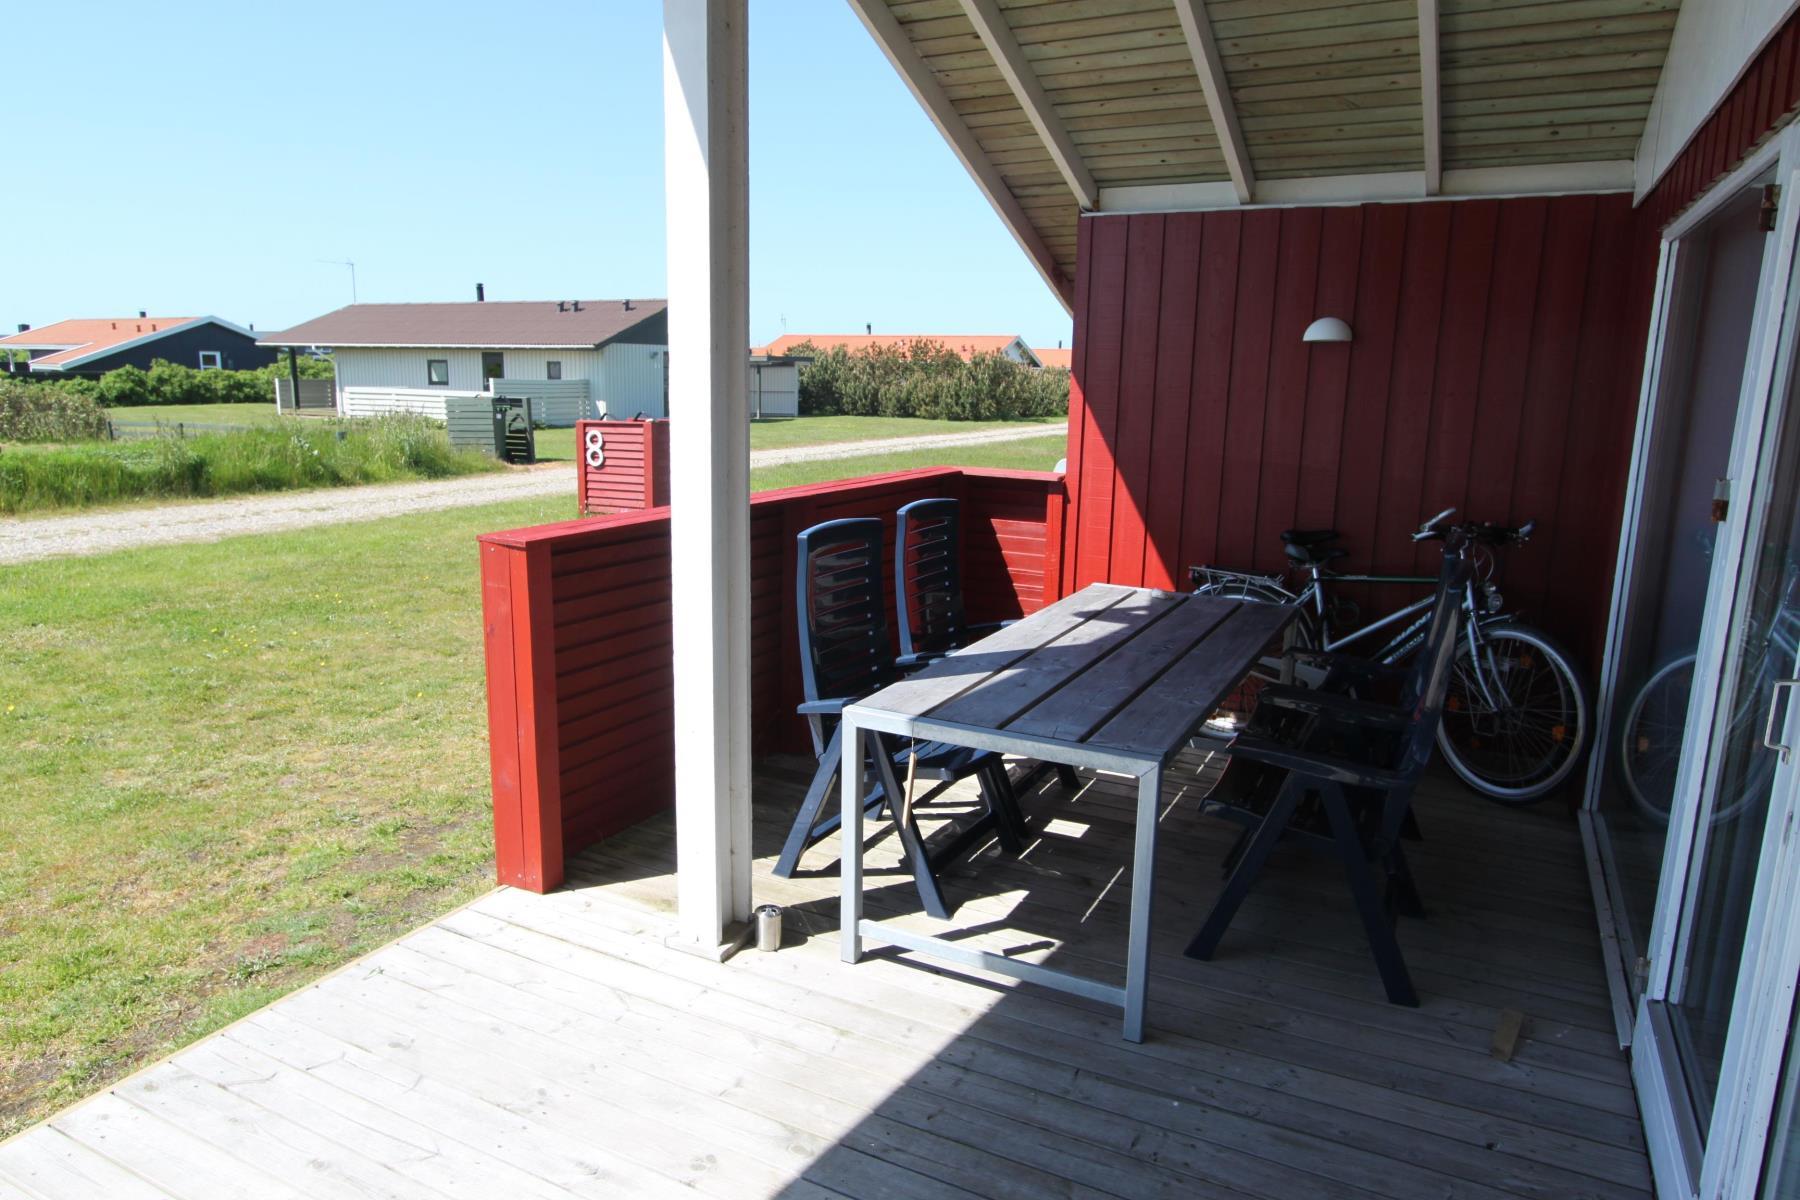 ferienhaus mit sauna und hund erlaubt in vejlby klit f r 8. Black Bedroom Furniture Sets. Home Design Ideas